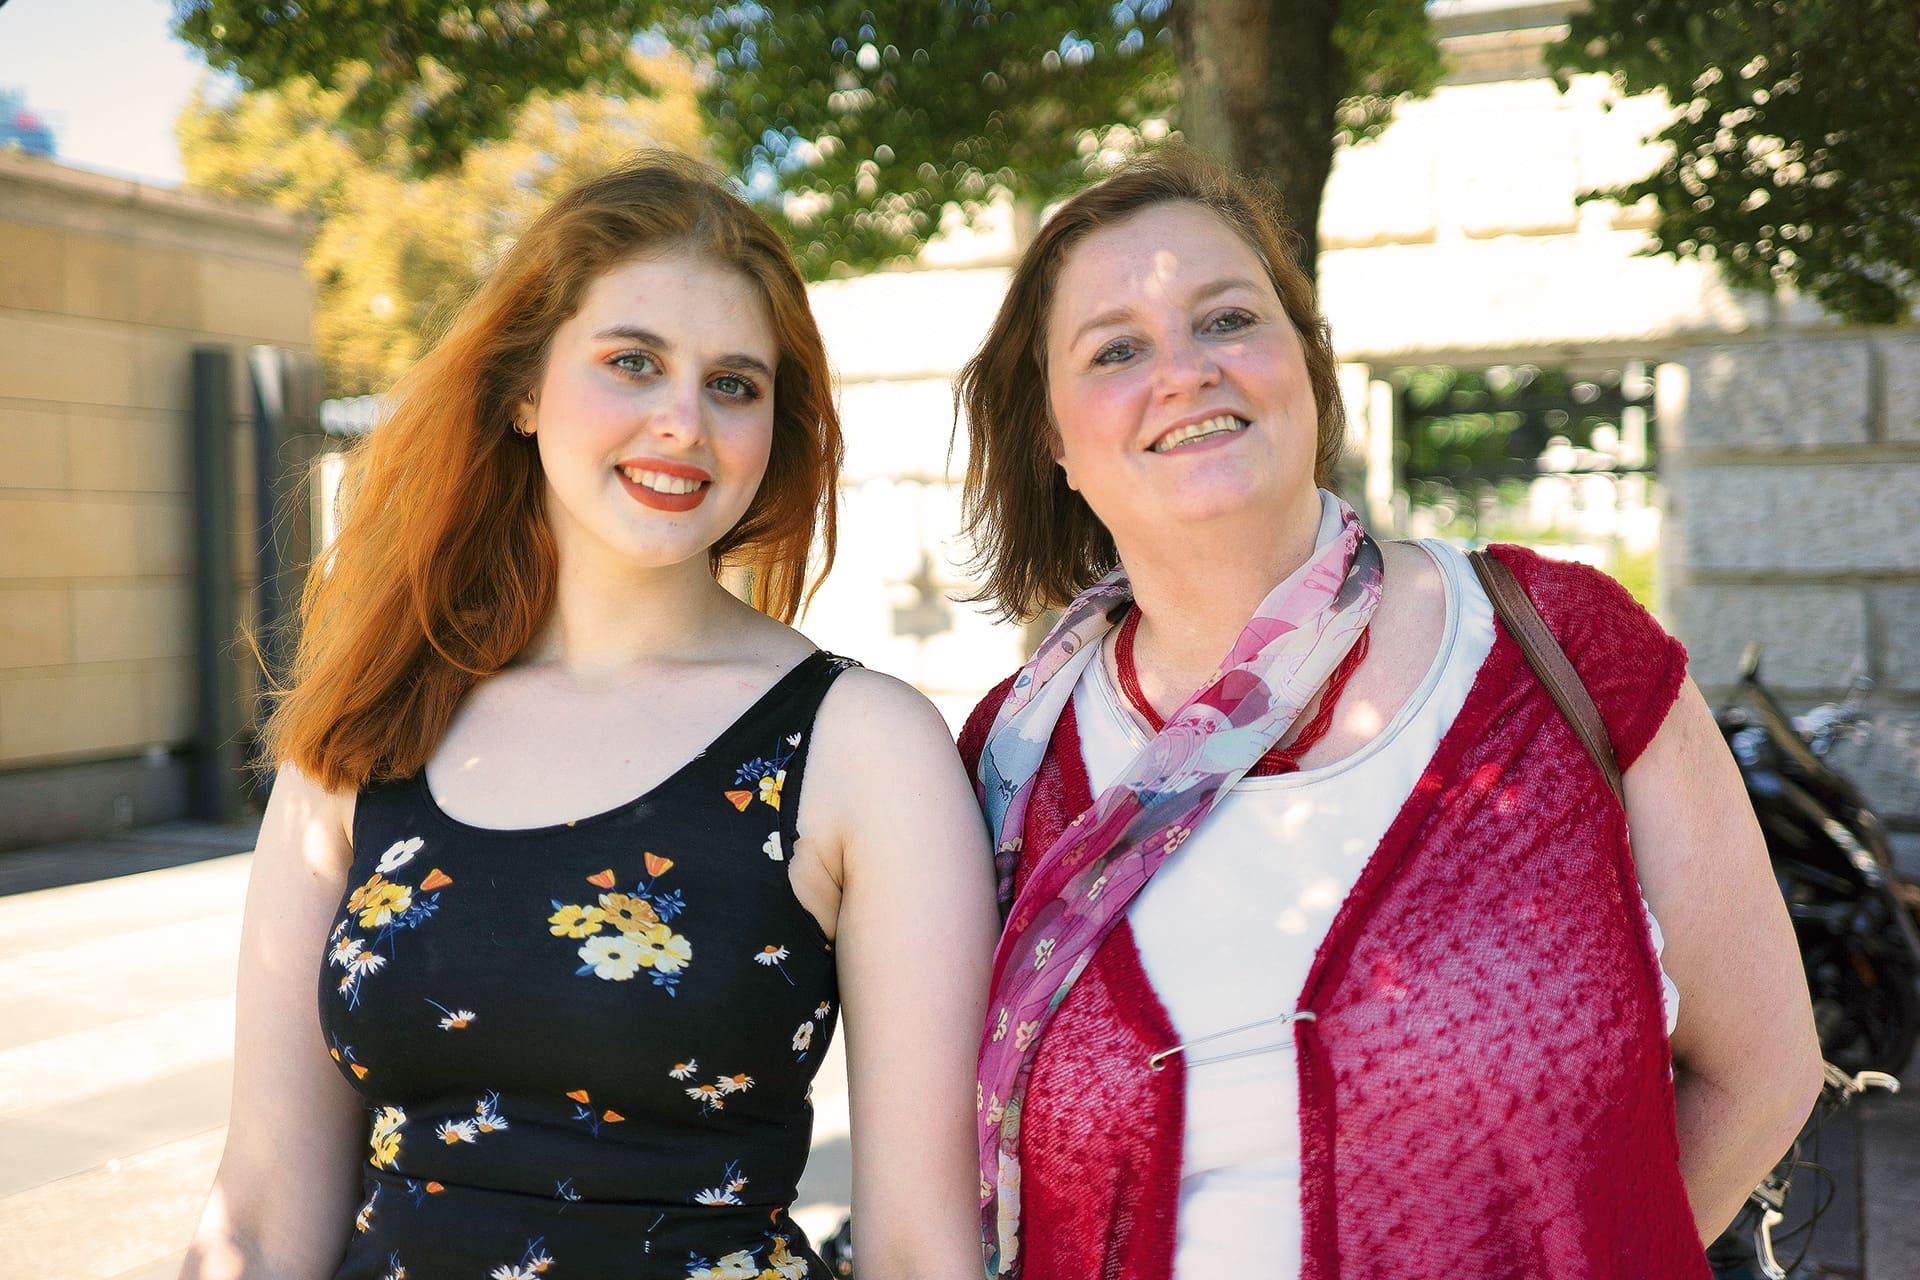 Ellinor (l.) mit ihrer Mutter Ina Czyborra, stellvertretende Landesvorsitzende der SPD Berlin